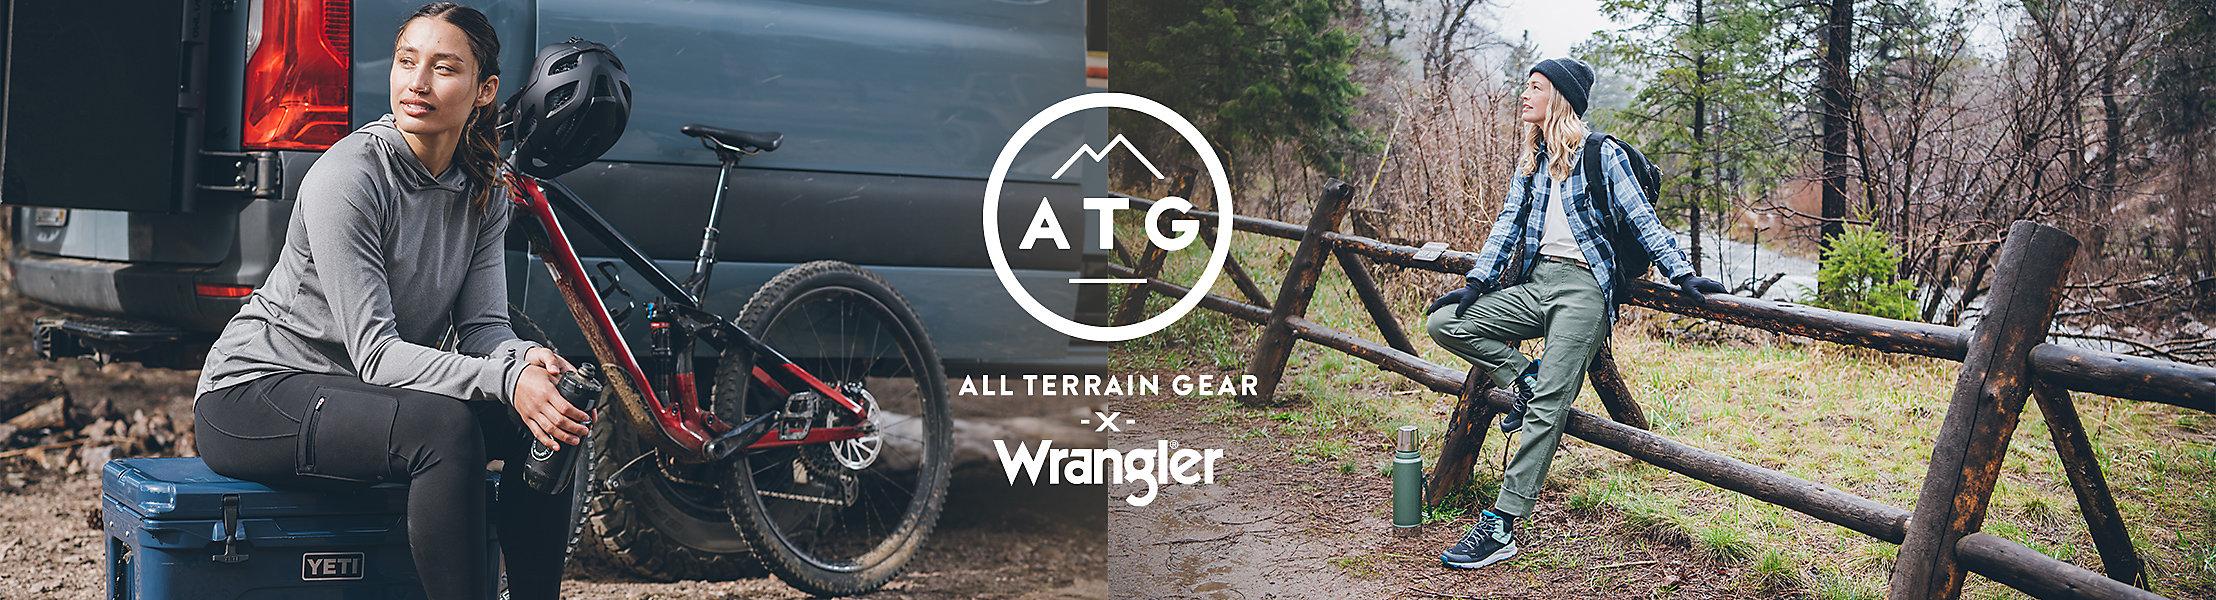 Shop ATG by Wrangler